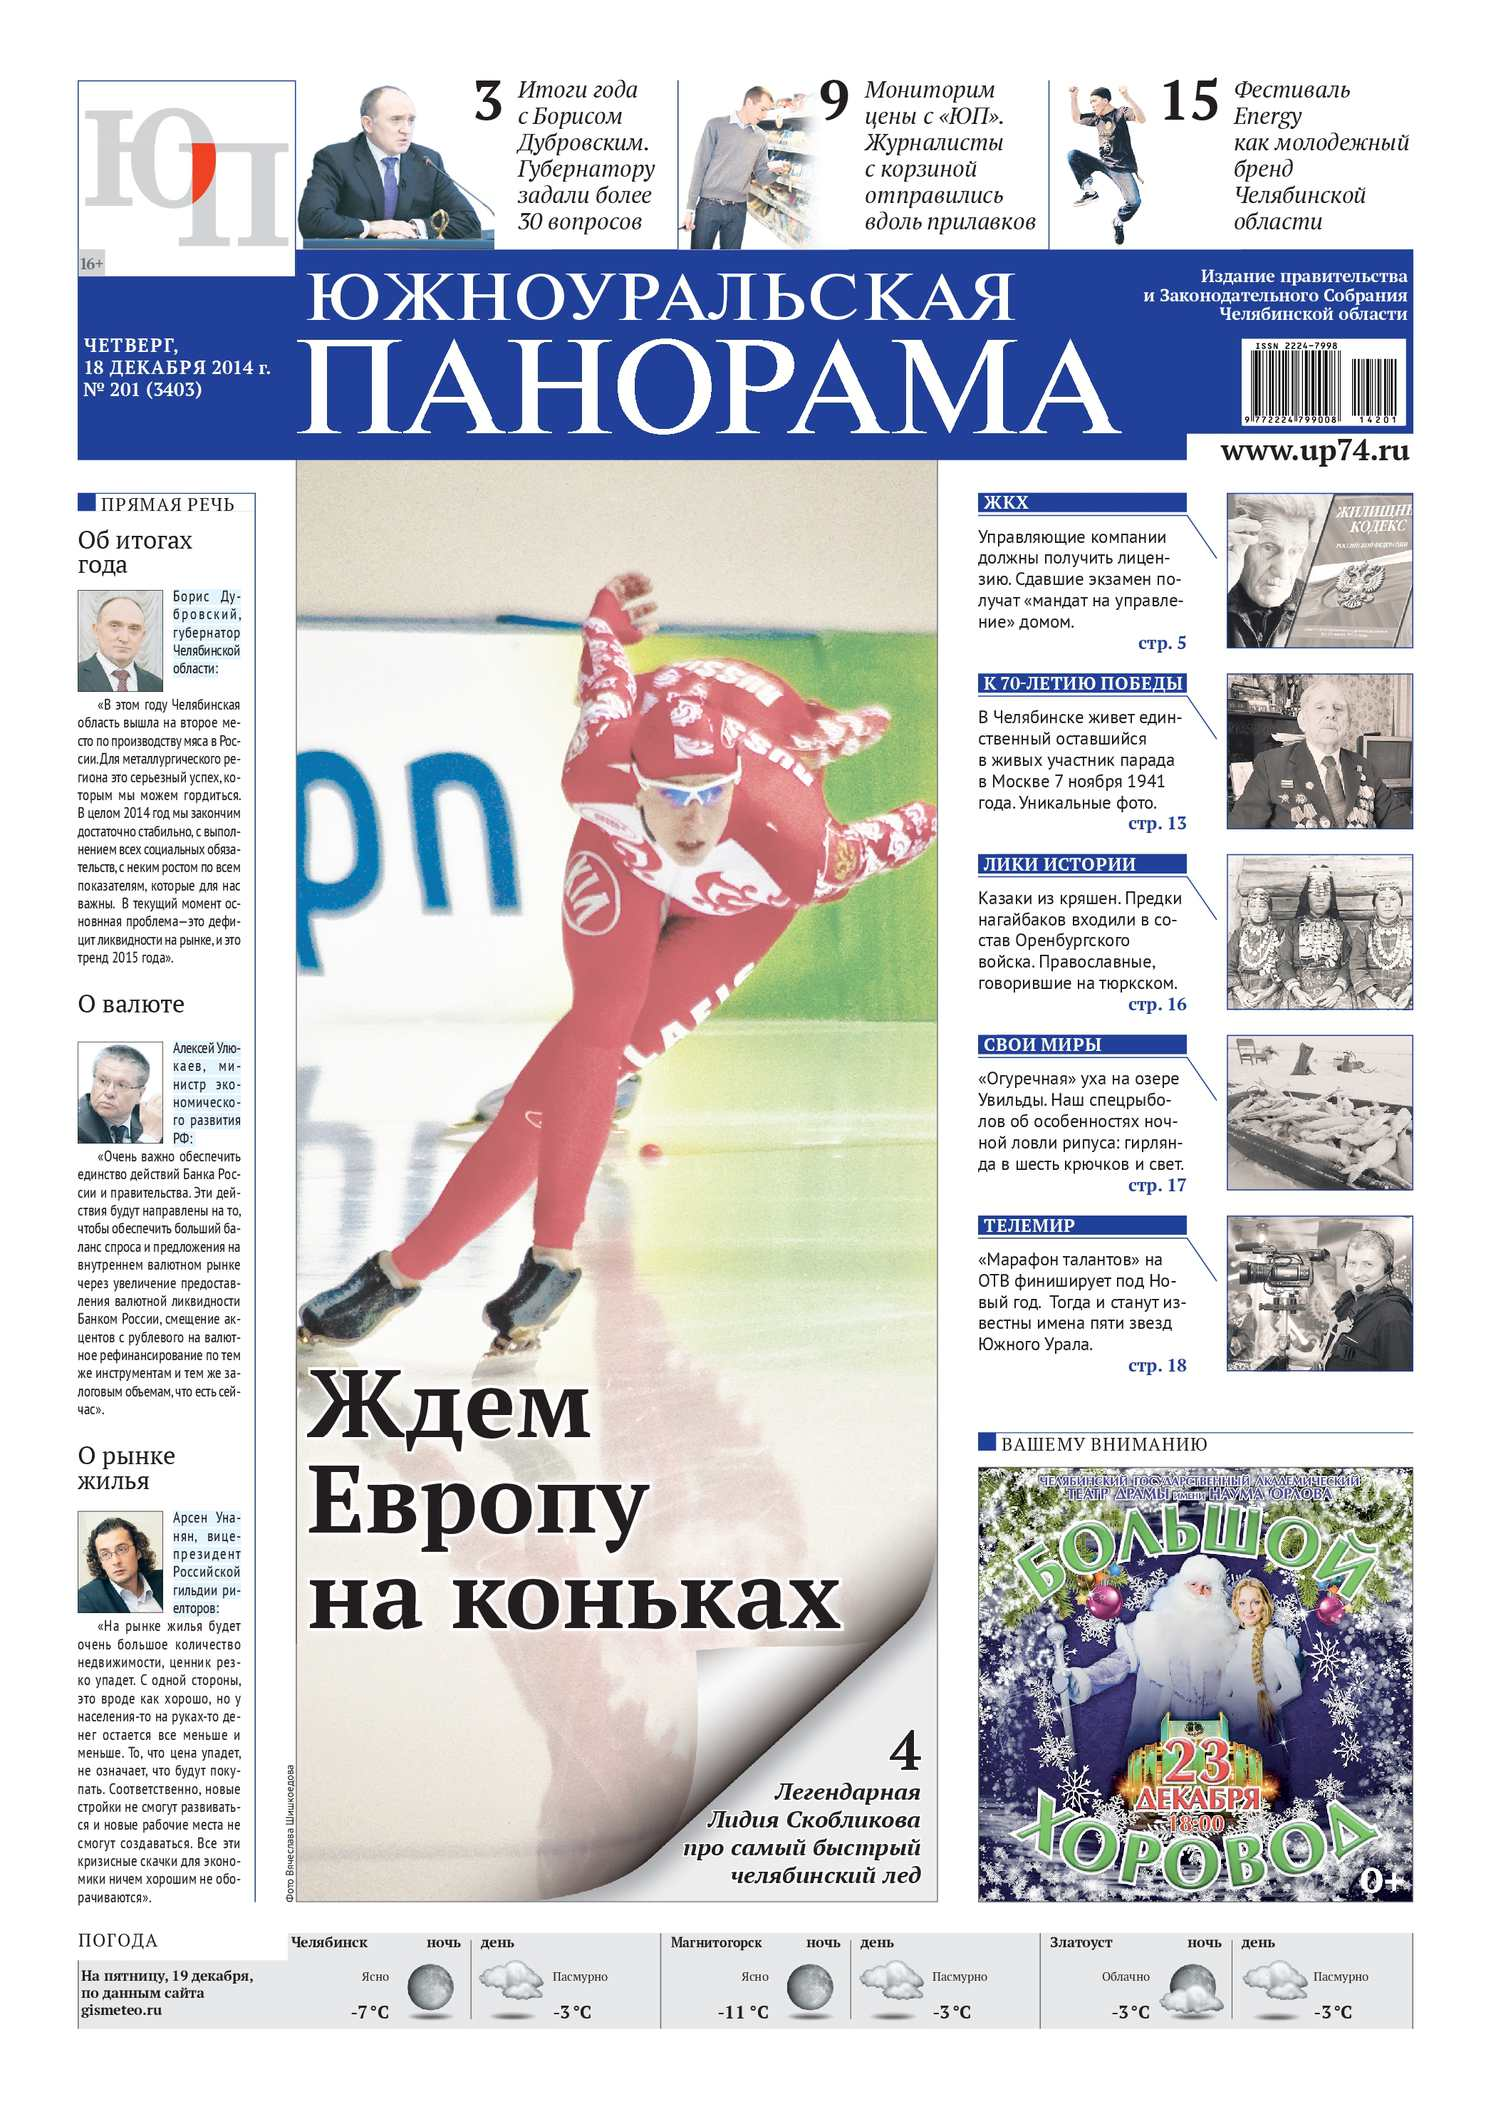 Прогноз на матч Южный М. - Сеппи А